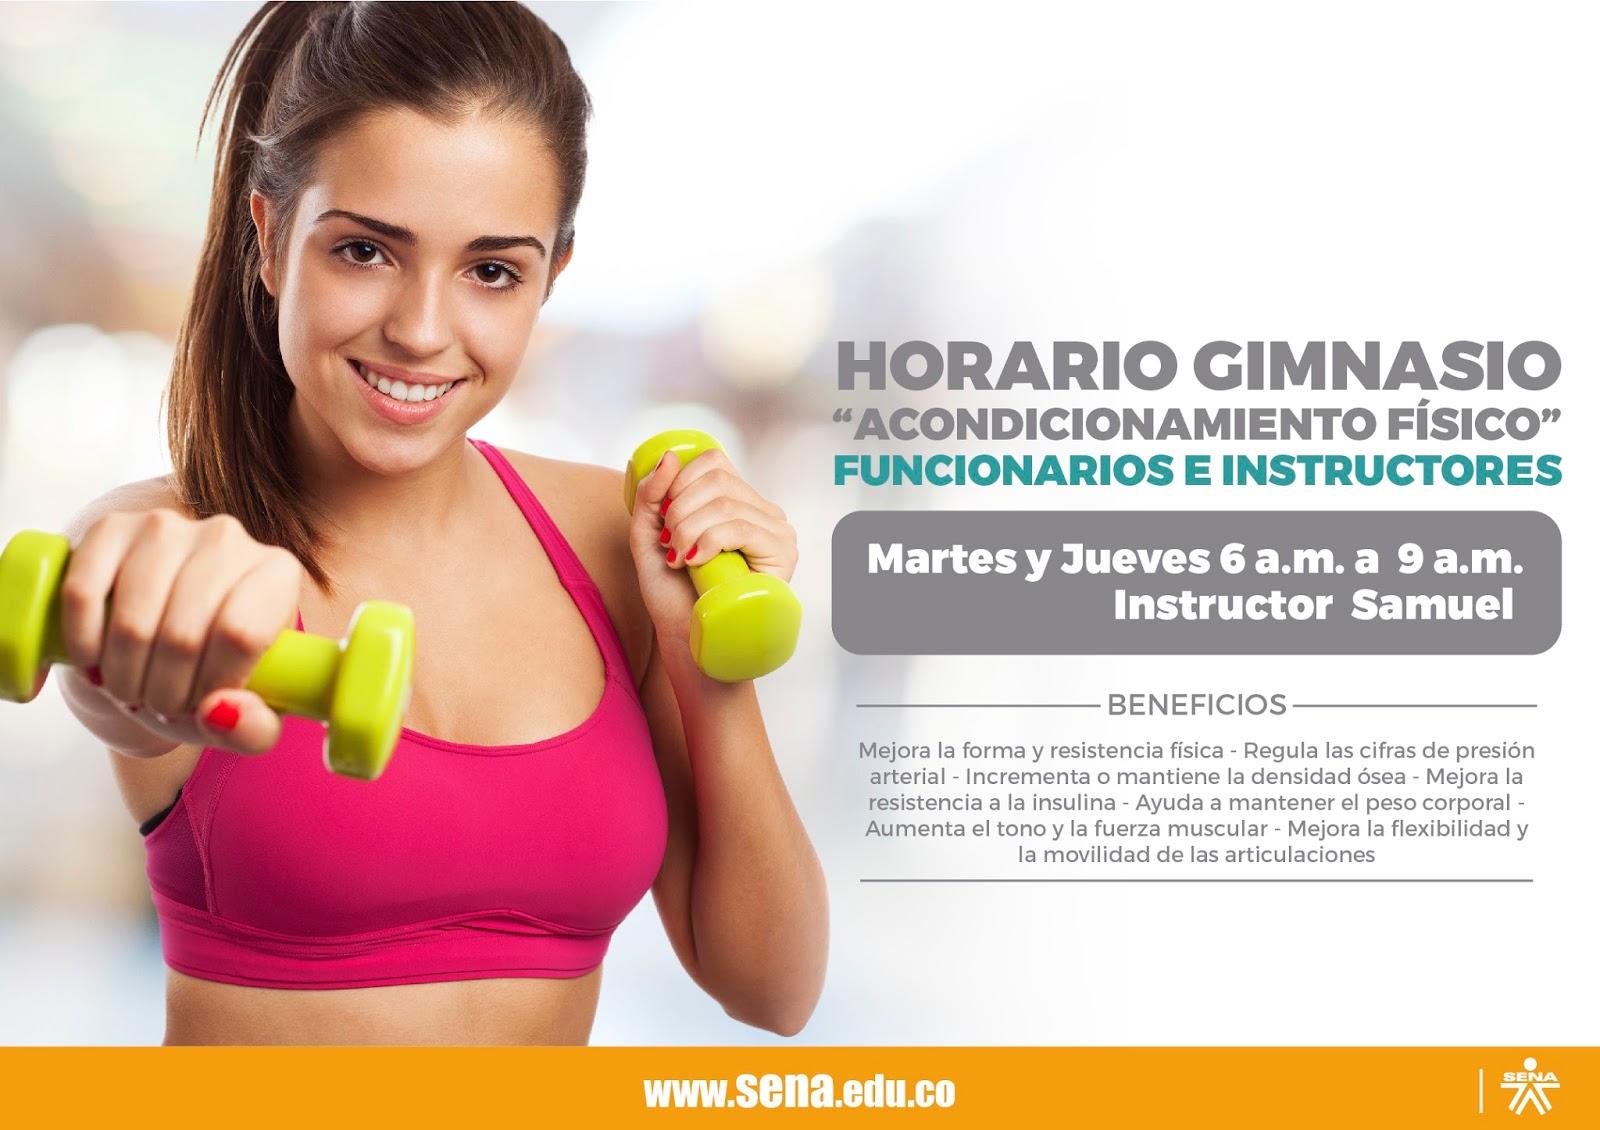 Centro de la tecnolog a del dise o y la productividad for Horario gimnasio